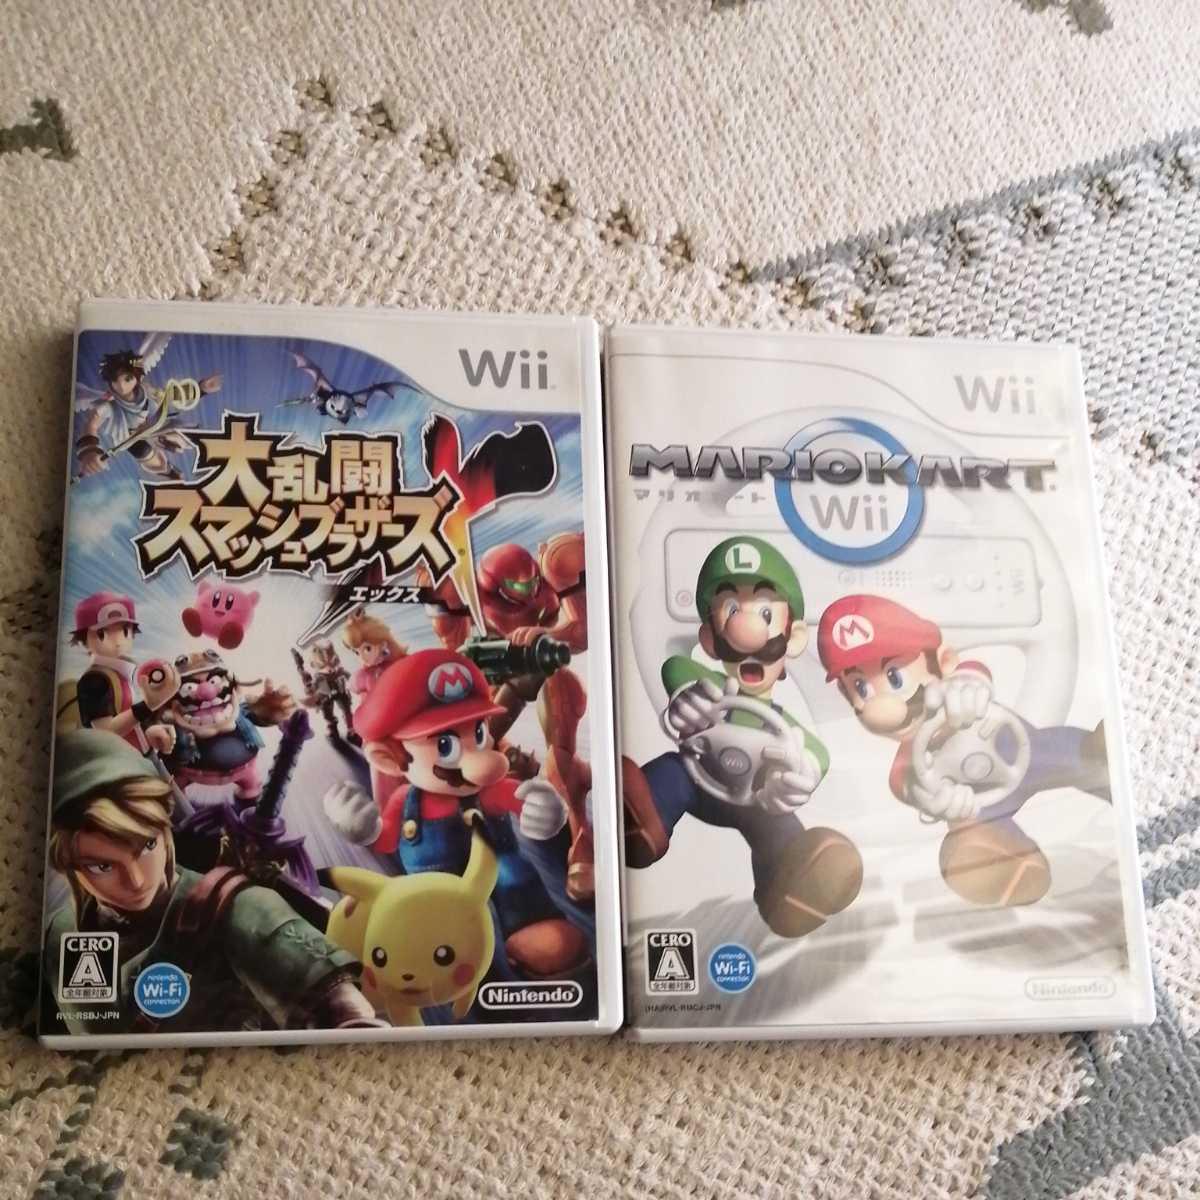 Wii 大乱闘スマッシュブラザーズX マリオカート